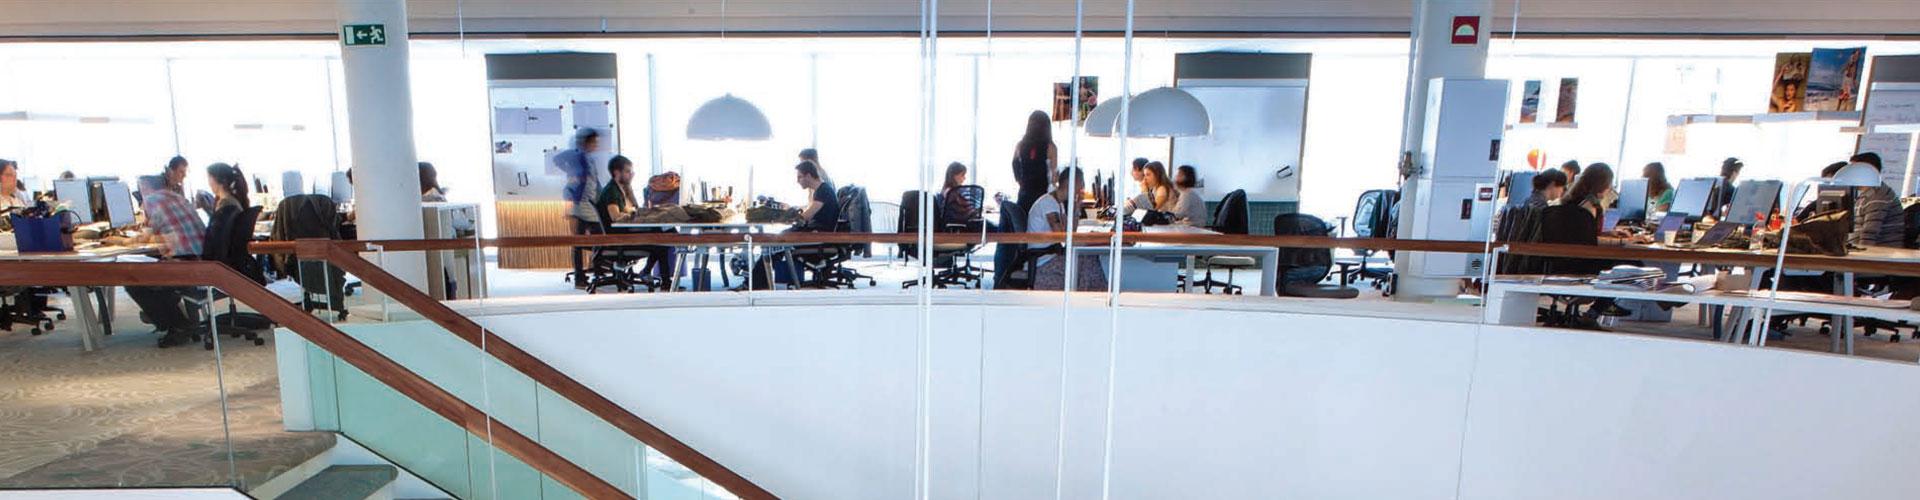 Interior oficinas desigual